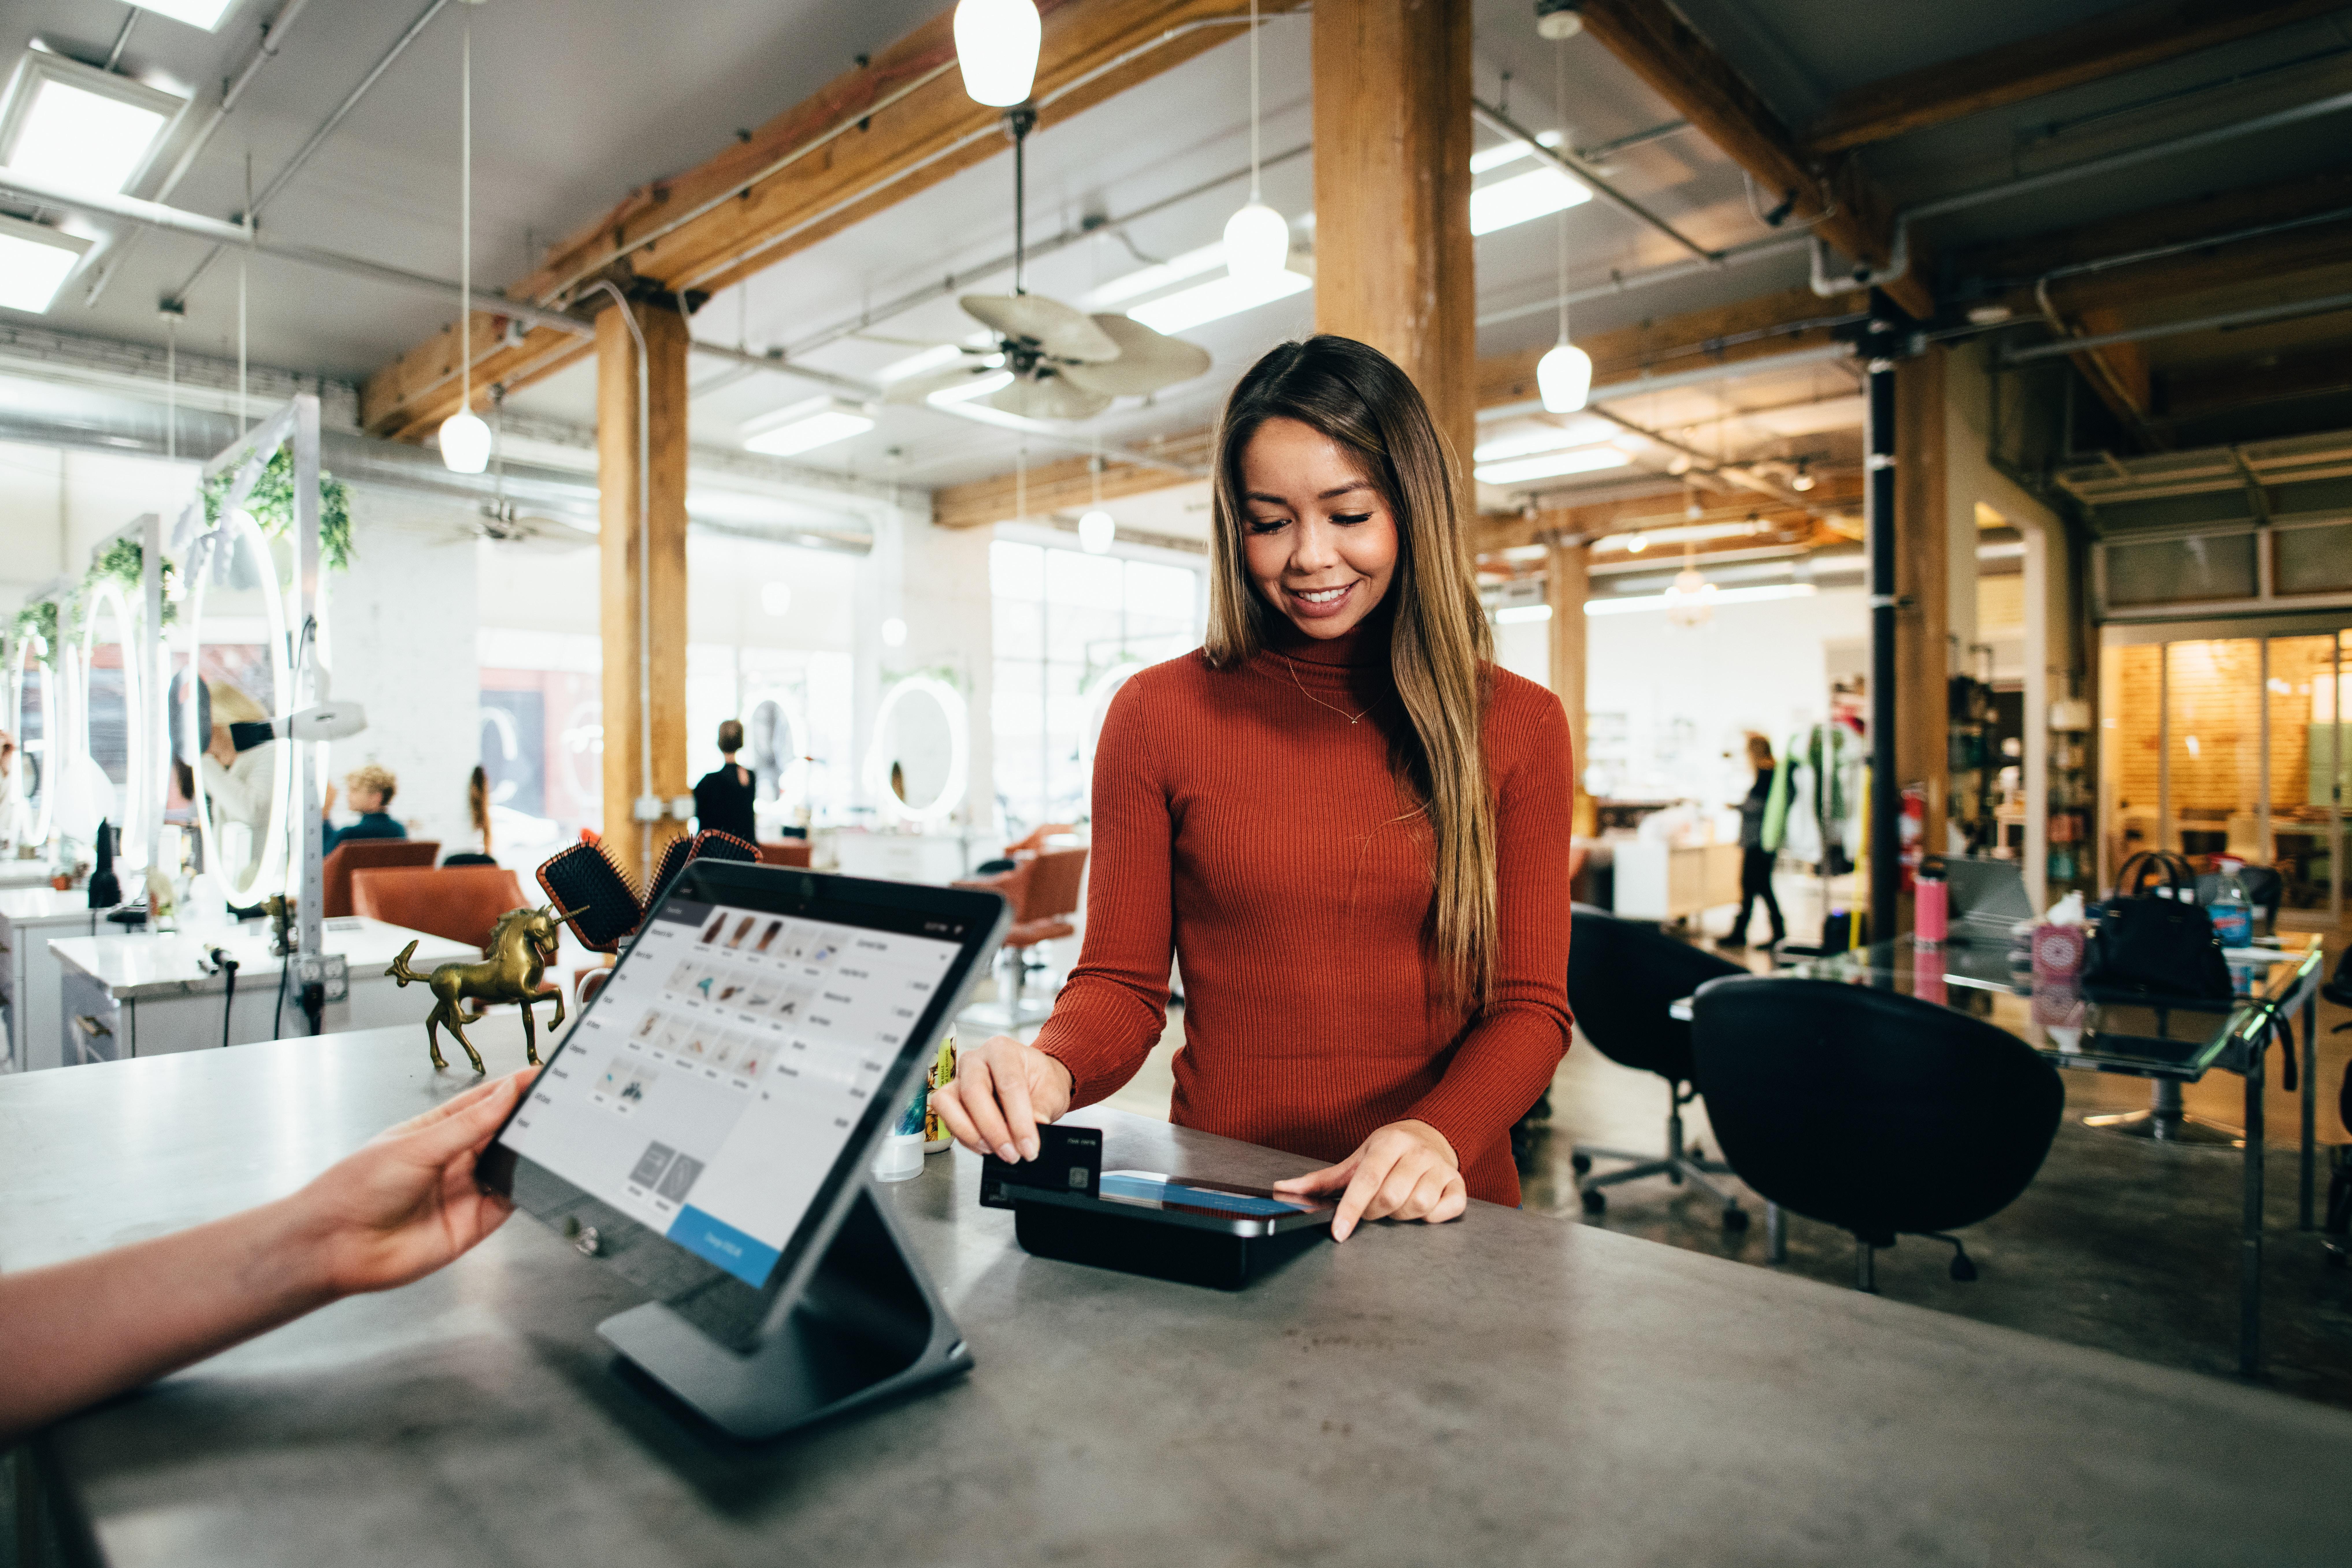 Unedited - Consumer & Retail